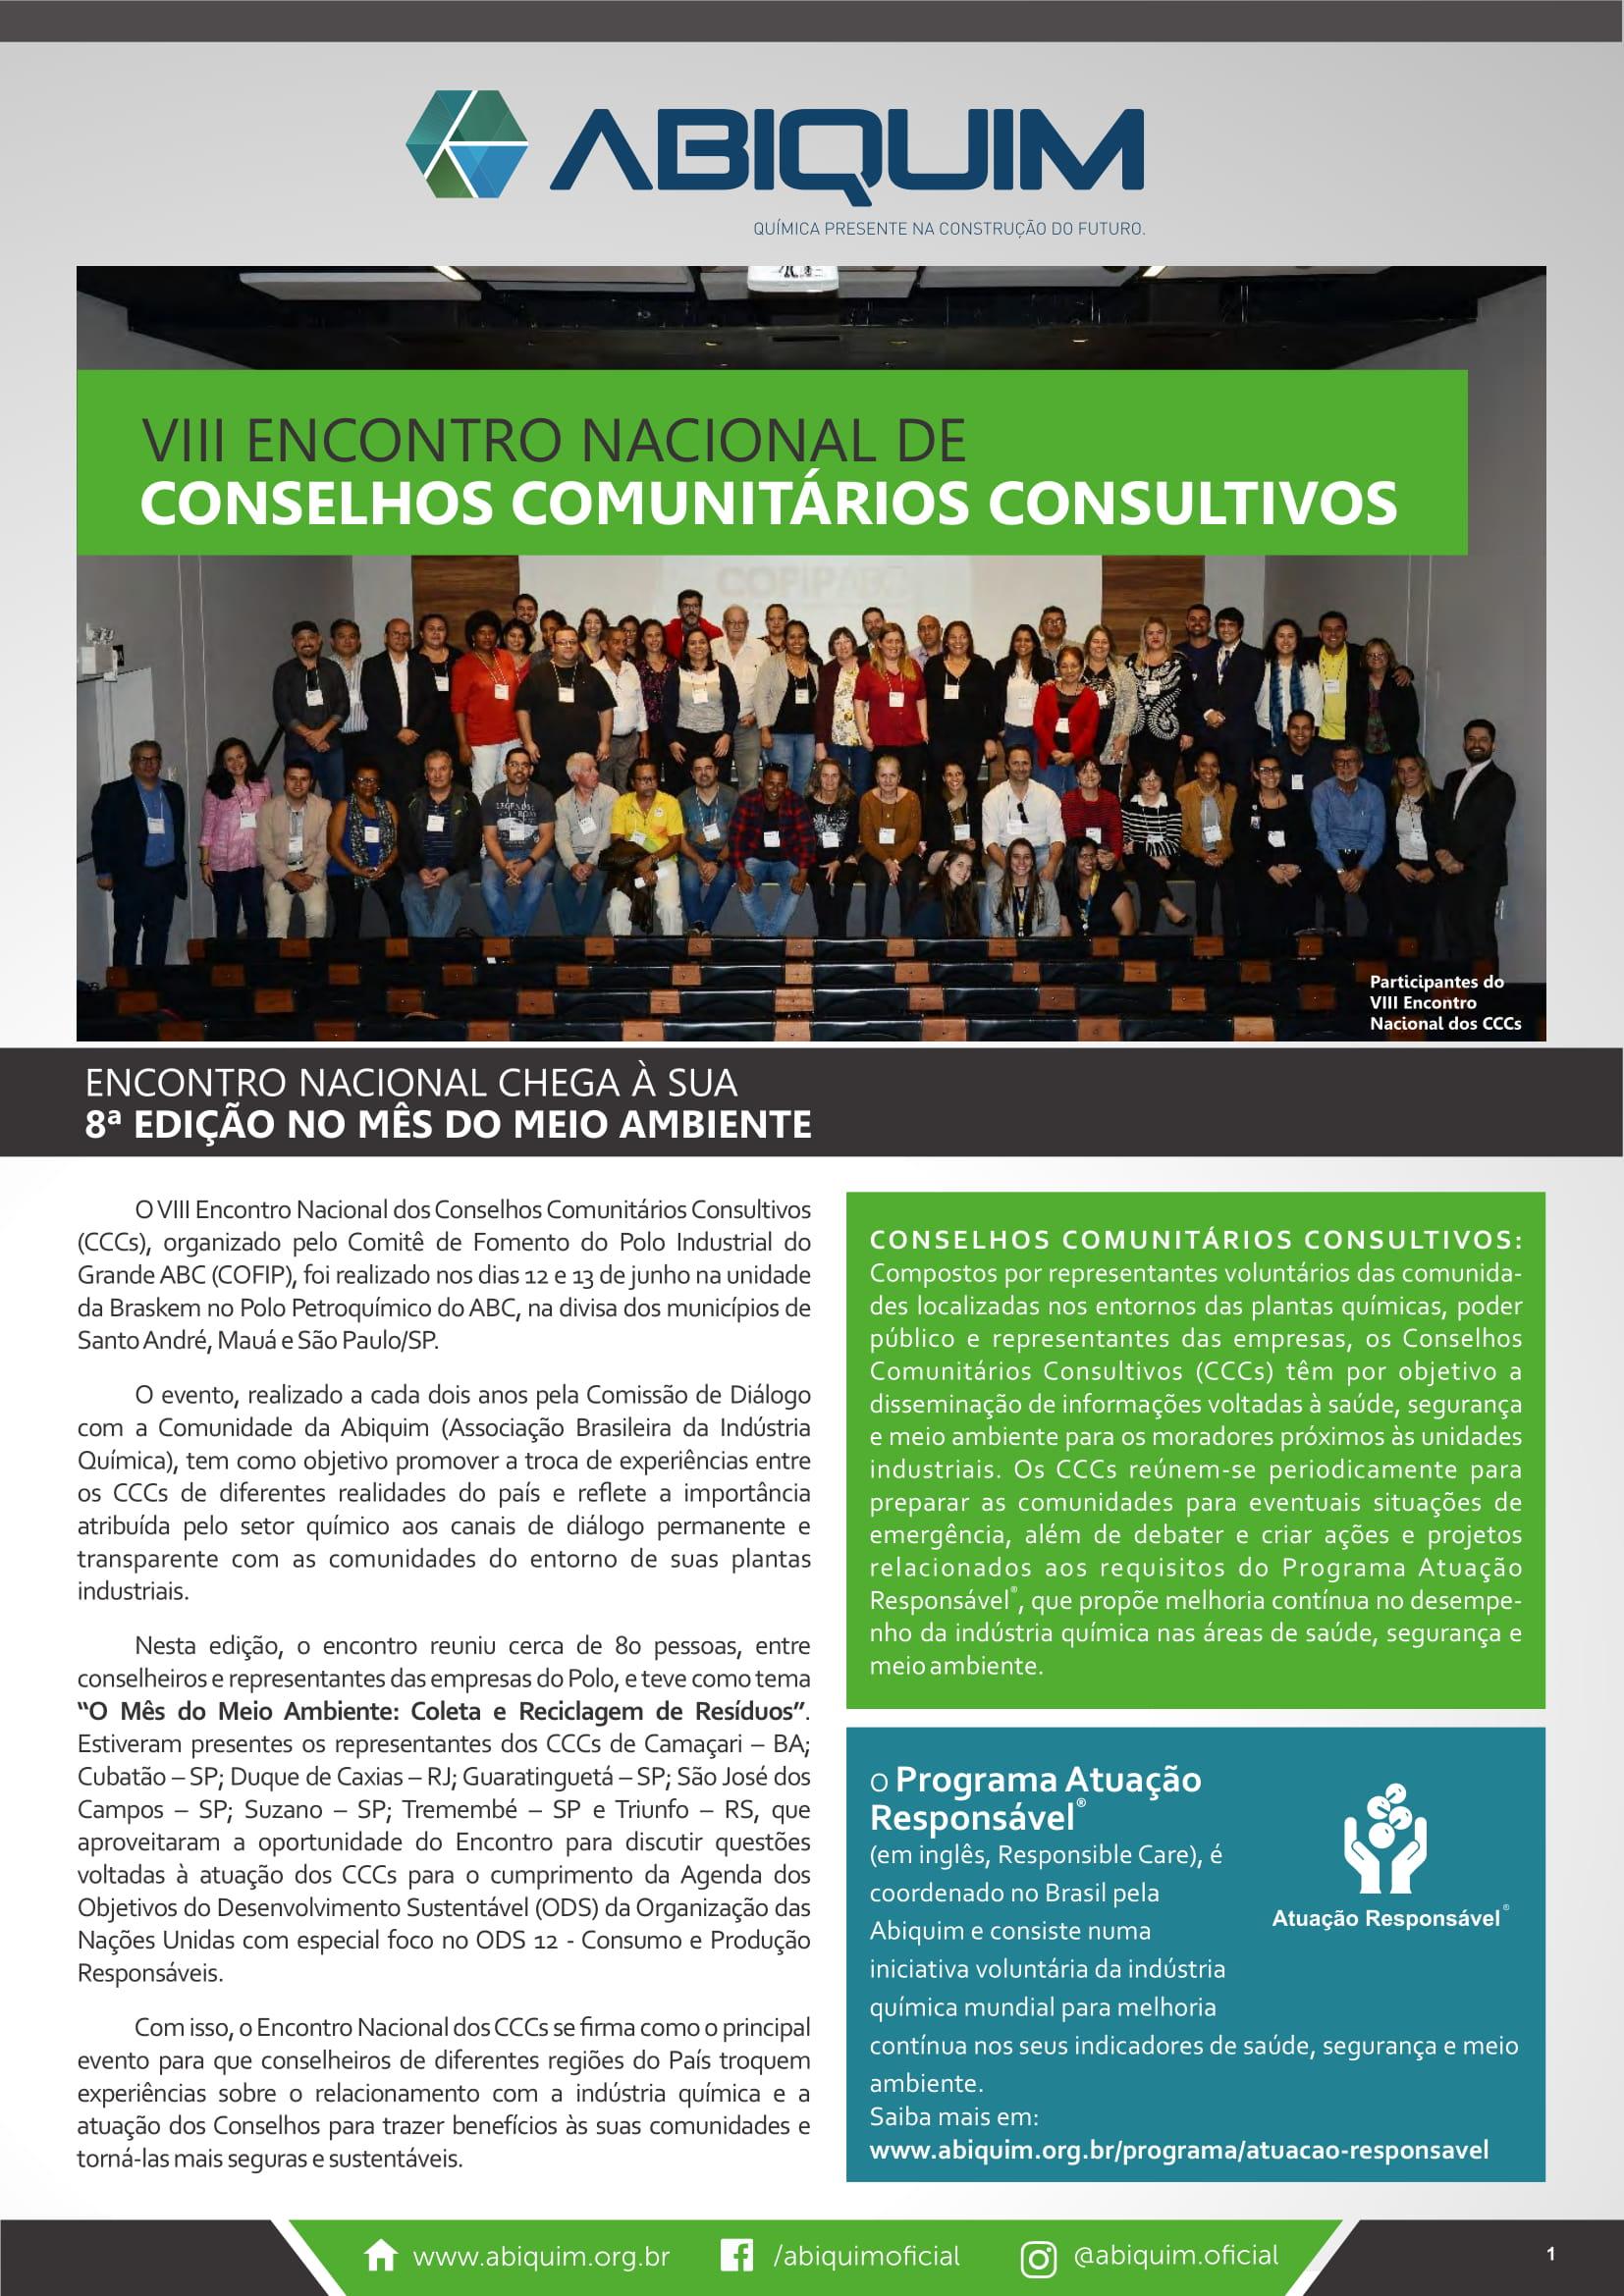 VII Encontro Nacional de Conselhos Comunitários Consultivos